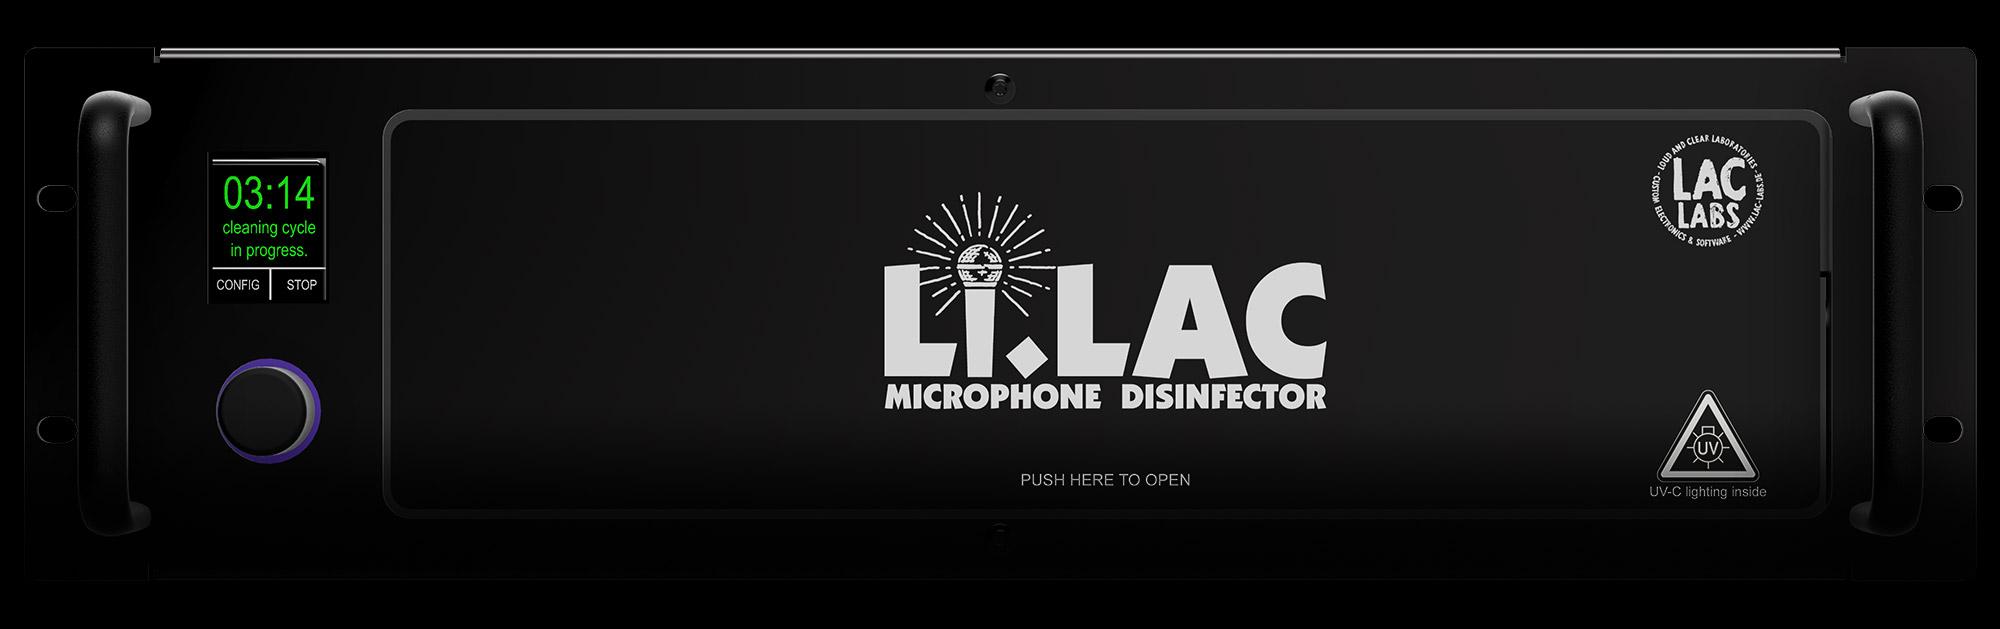 LiLac von vorne geschlossen